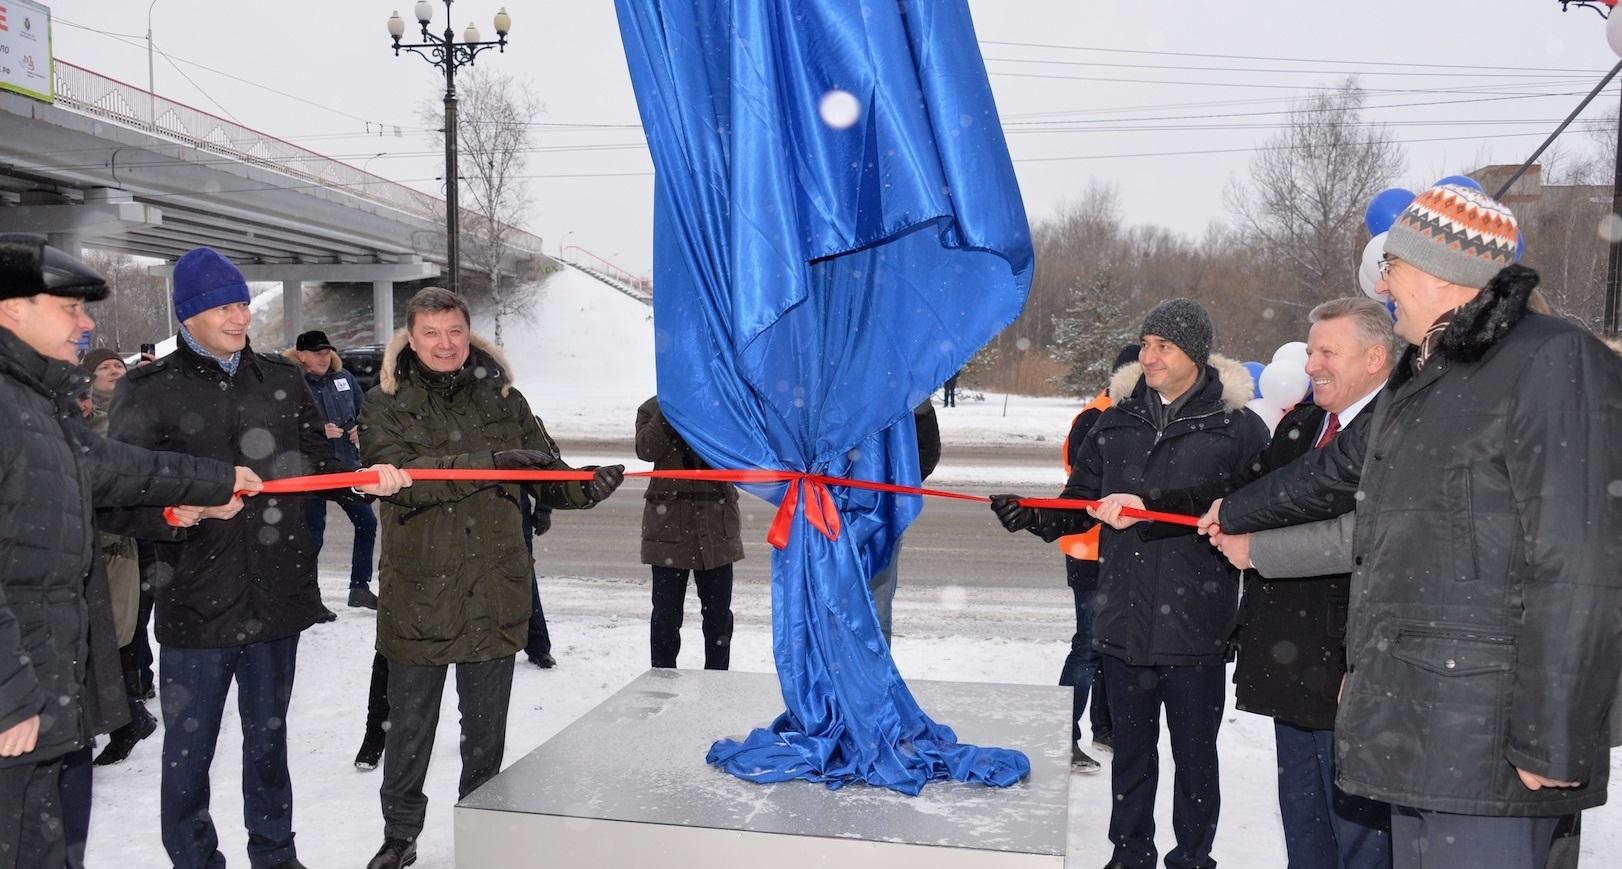 Новая дорога соединит сразу три федеральные трассы: Р-297 «Амур», А-370 «Уссури» и А-375 «Восток», что позволит создать единый транспортный коридор Чита — Владивосток (фото: Росавтодор)